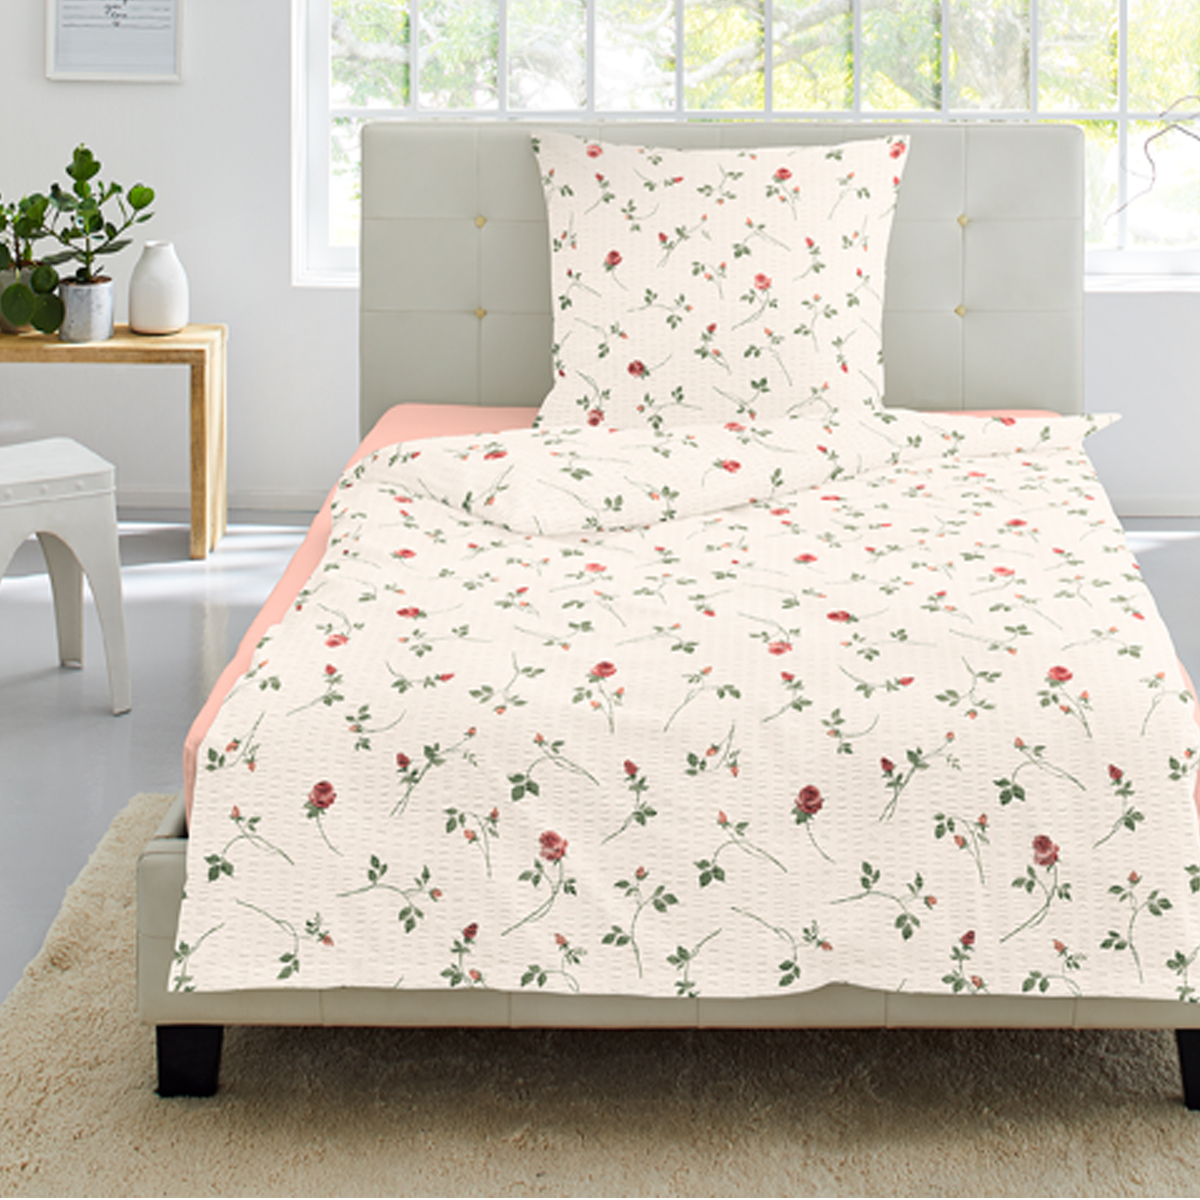 irisette seersucker bettw sche calypso 8736 60. Black Bedroom Furniture Sets. Home Design Ideas